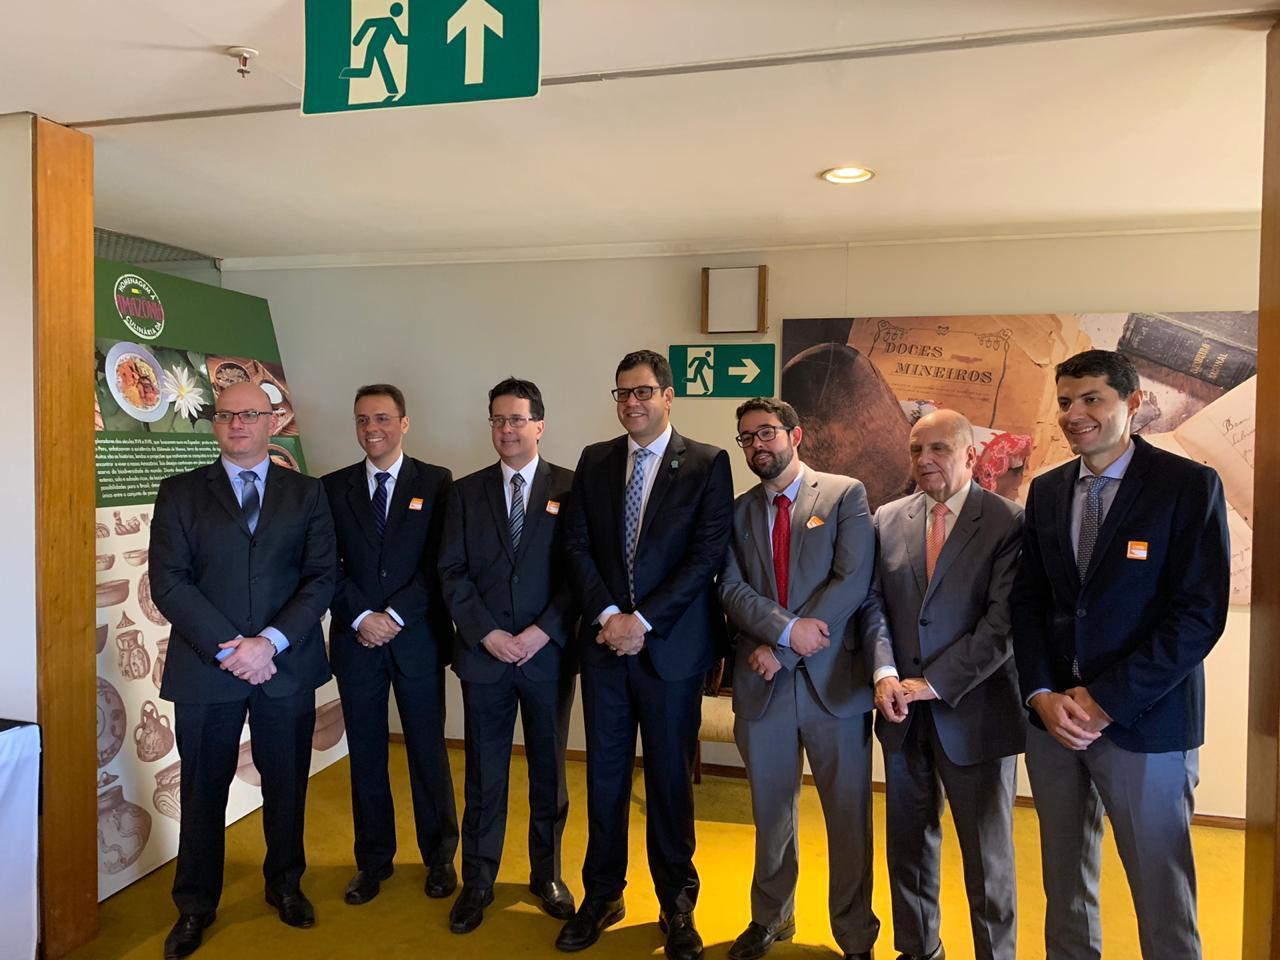 Amazonas representado em conferência sobre radioterapia no Congresso Nacional